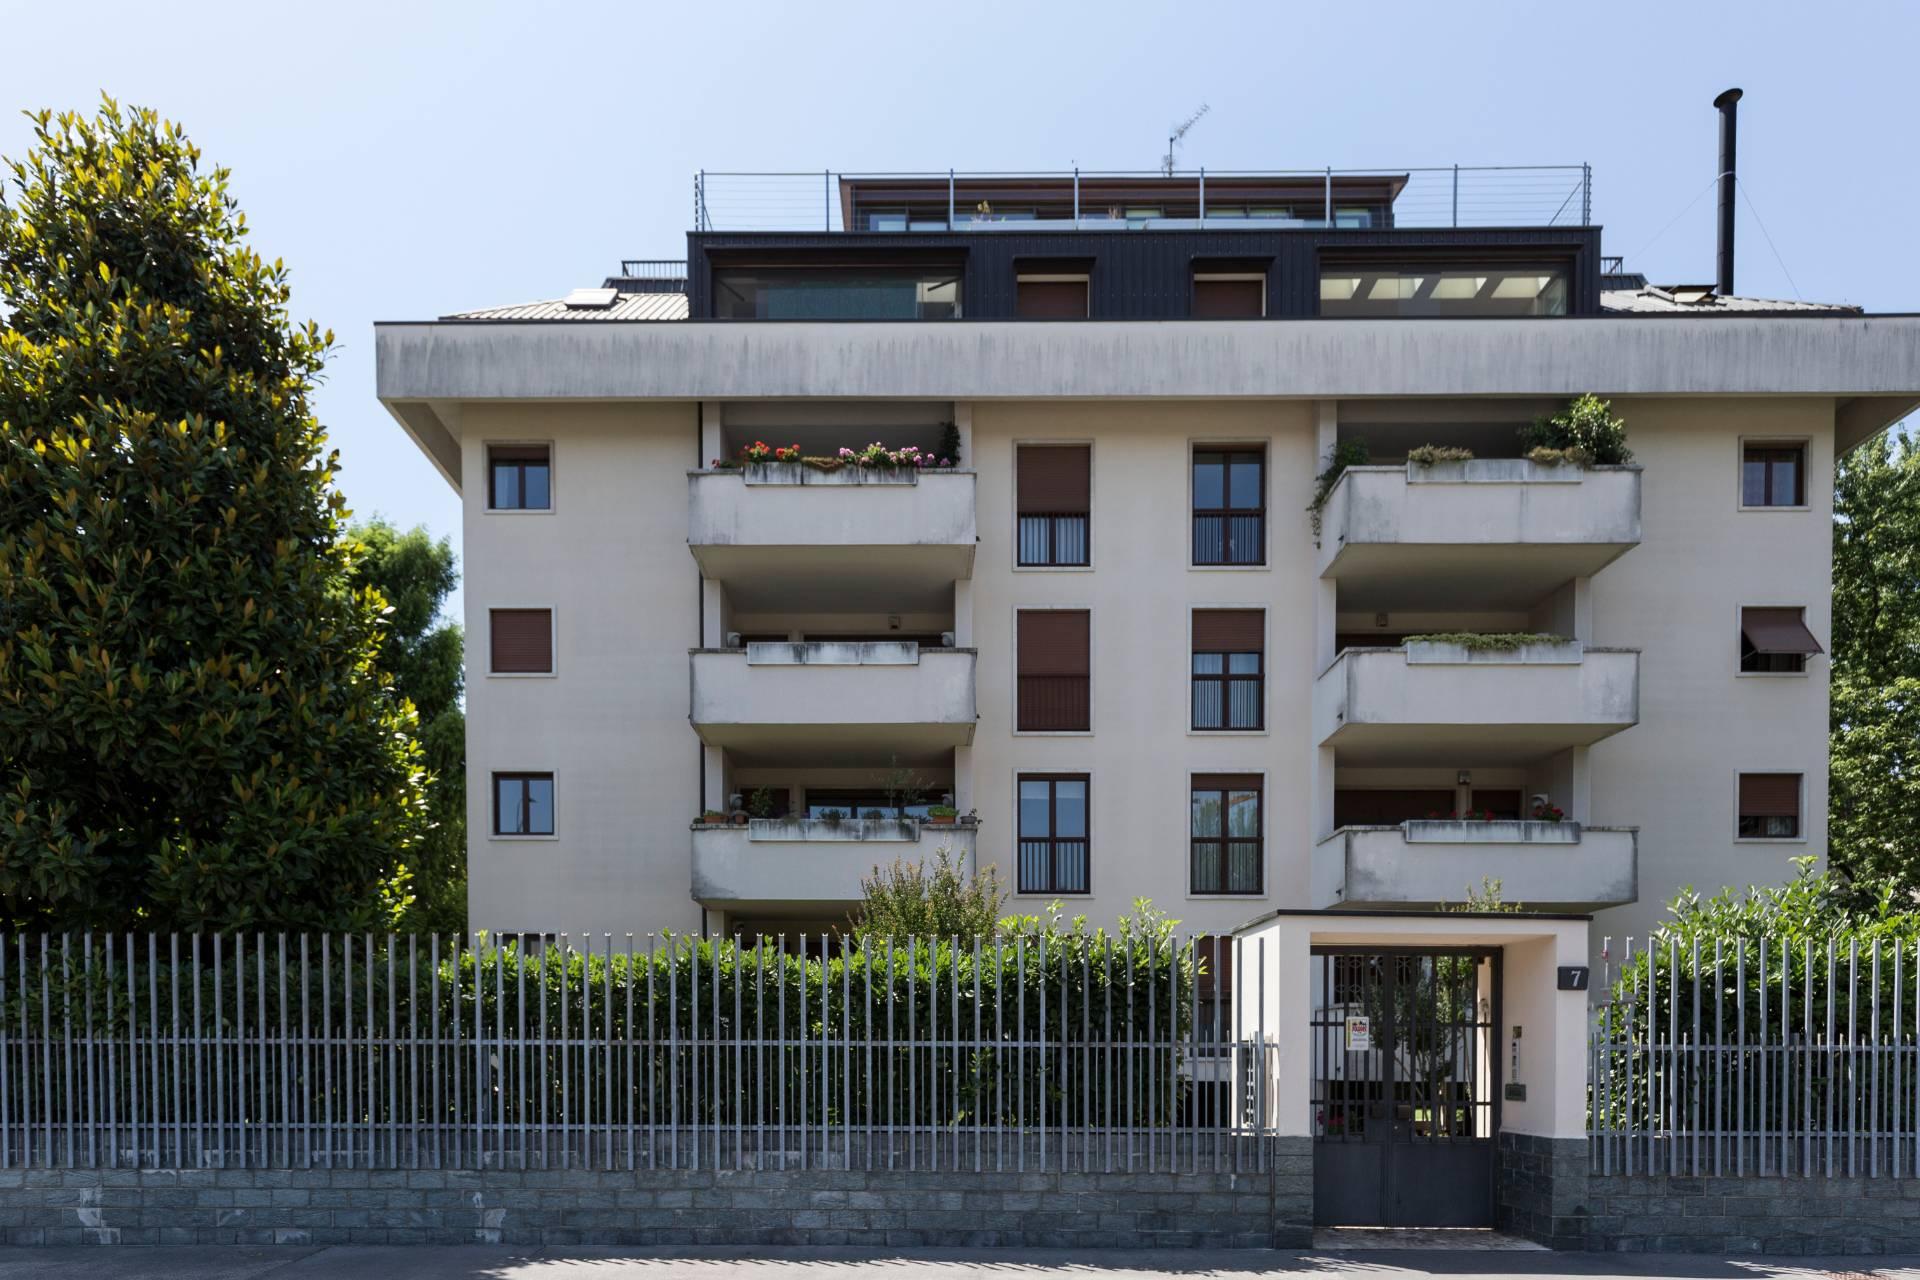 Appartamento in Vendita a Milano 18 Ippodromo / San Siro / Zavattari: 5 locali, 185 mq